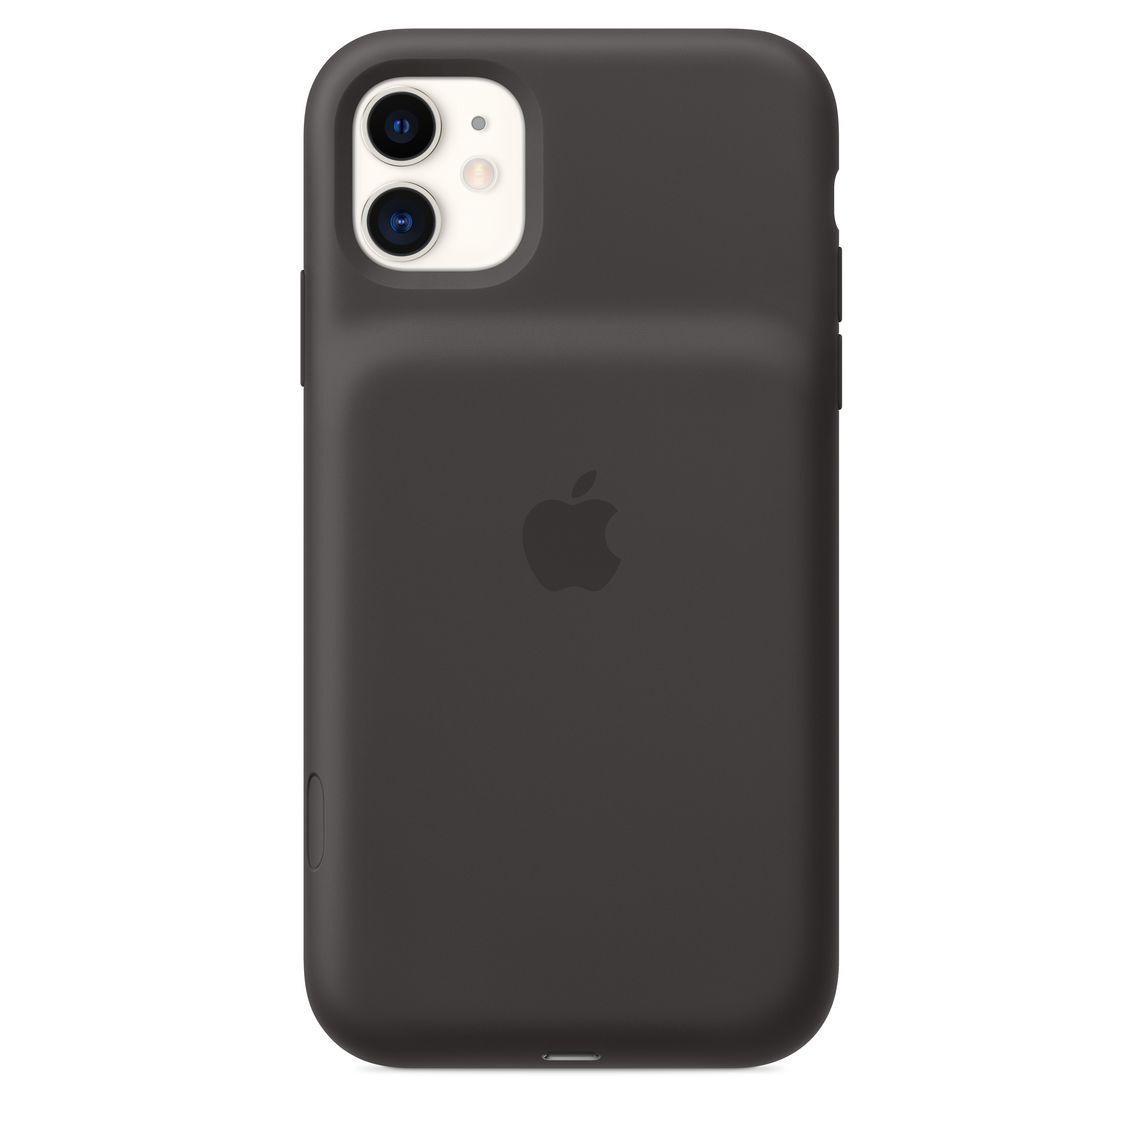 Étui Smart Battery Case pour iPhone 11 - Noir